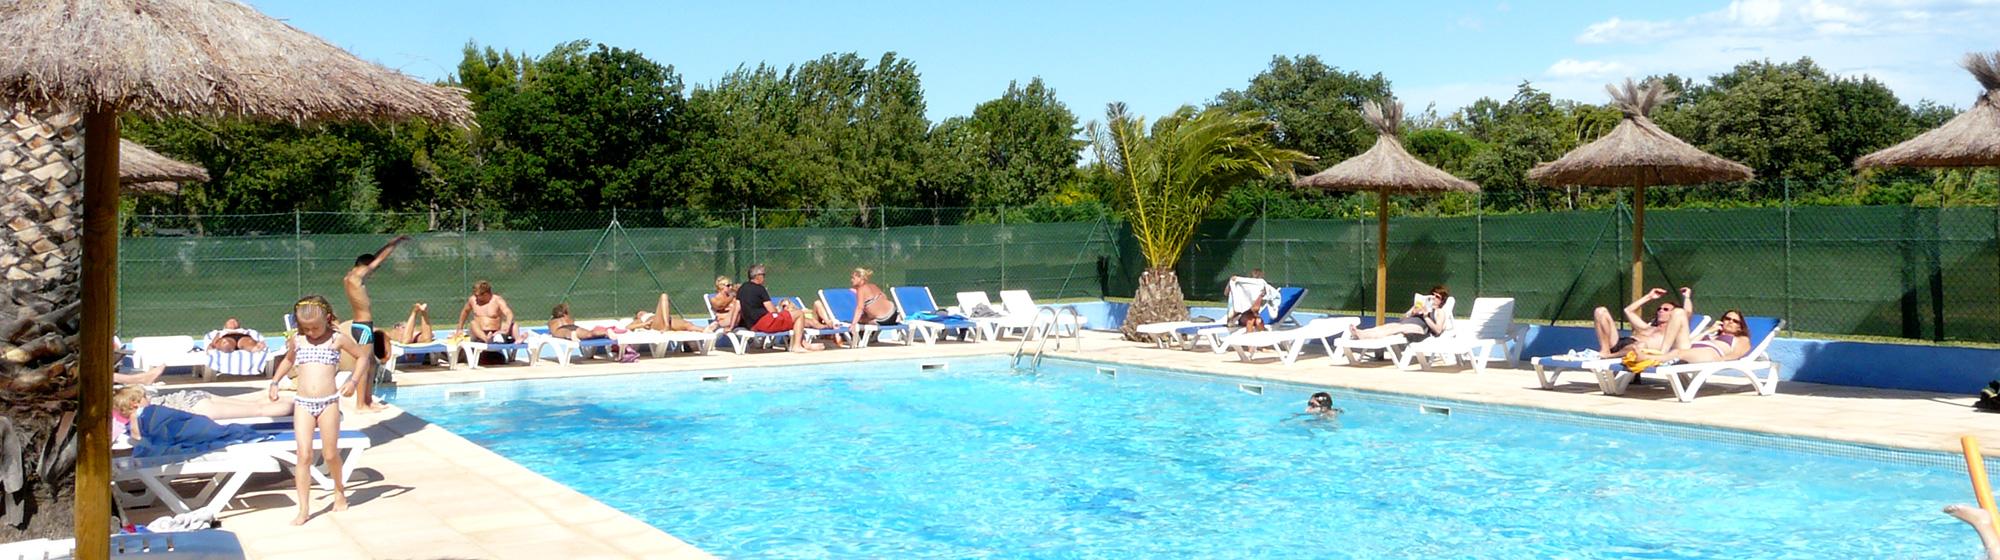 Camping Argelès-sur-mer avec piscine